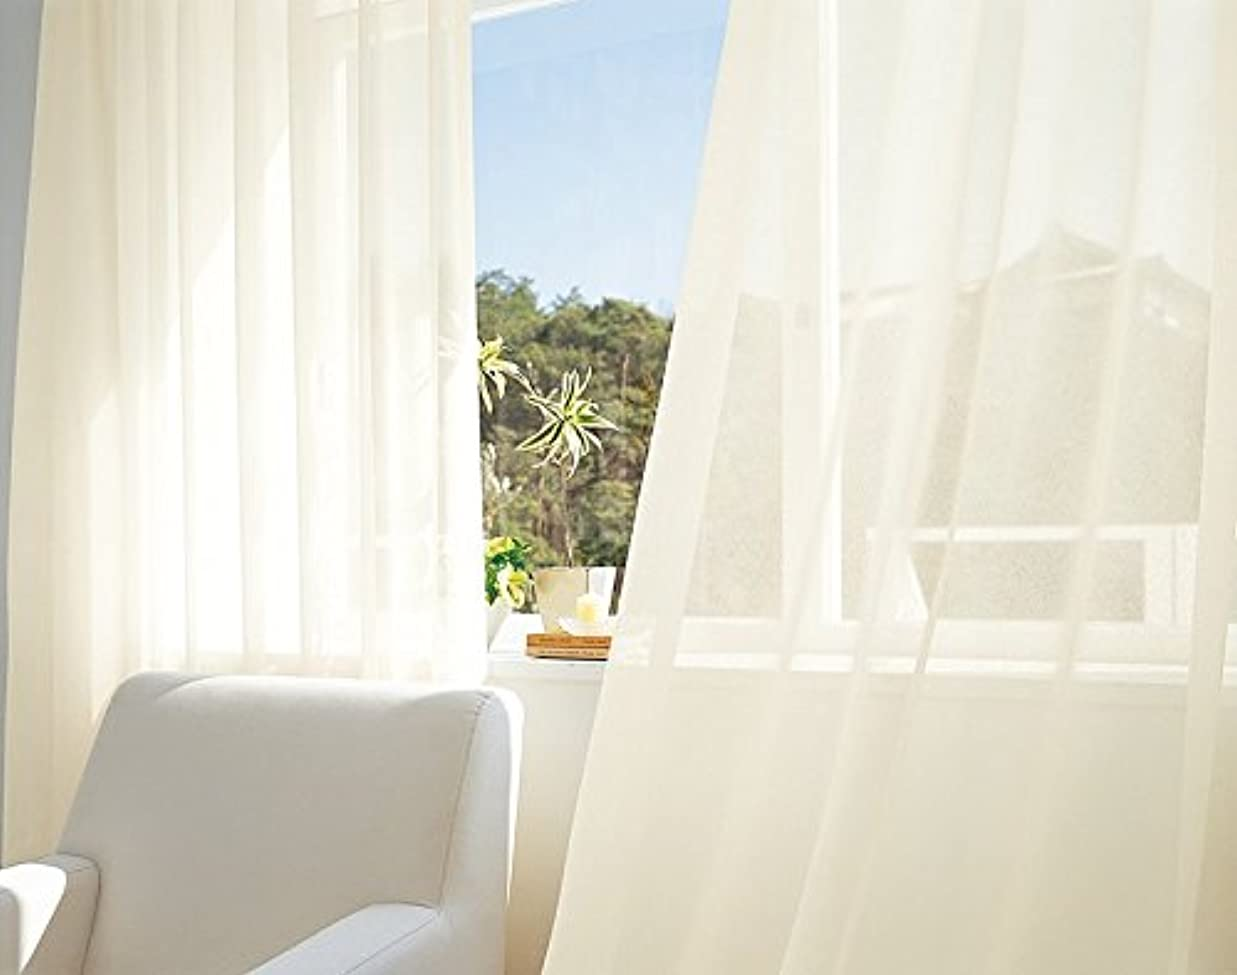 ささいな友だちぬるい東リ 美しい光沢感が特長のサブレボイル カーテン2倍ヒダ KSA60416 幅:200cm ×丈:110cm (2枚組)オーダーカーテン